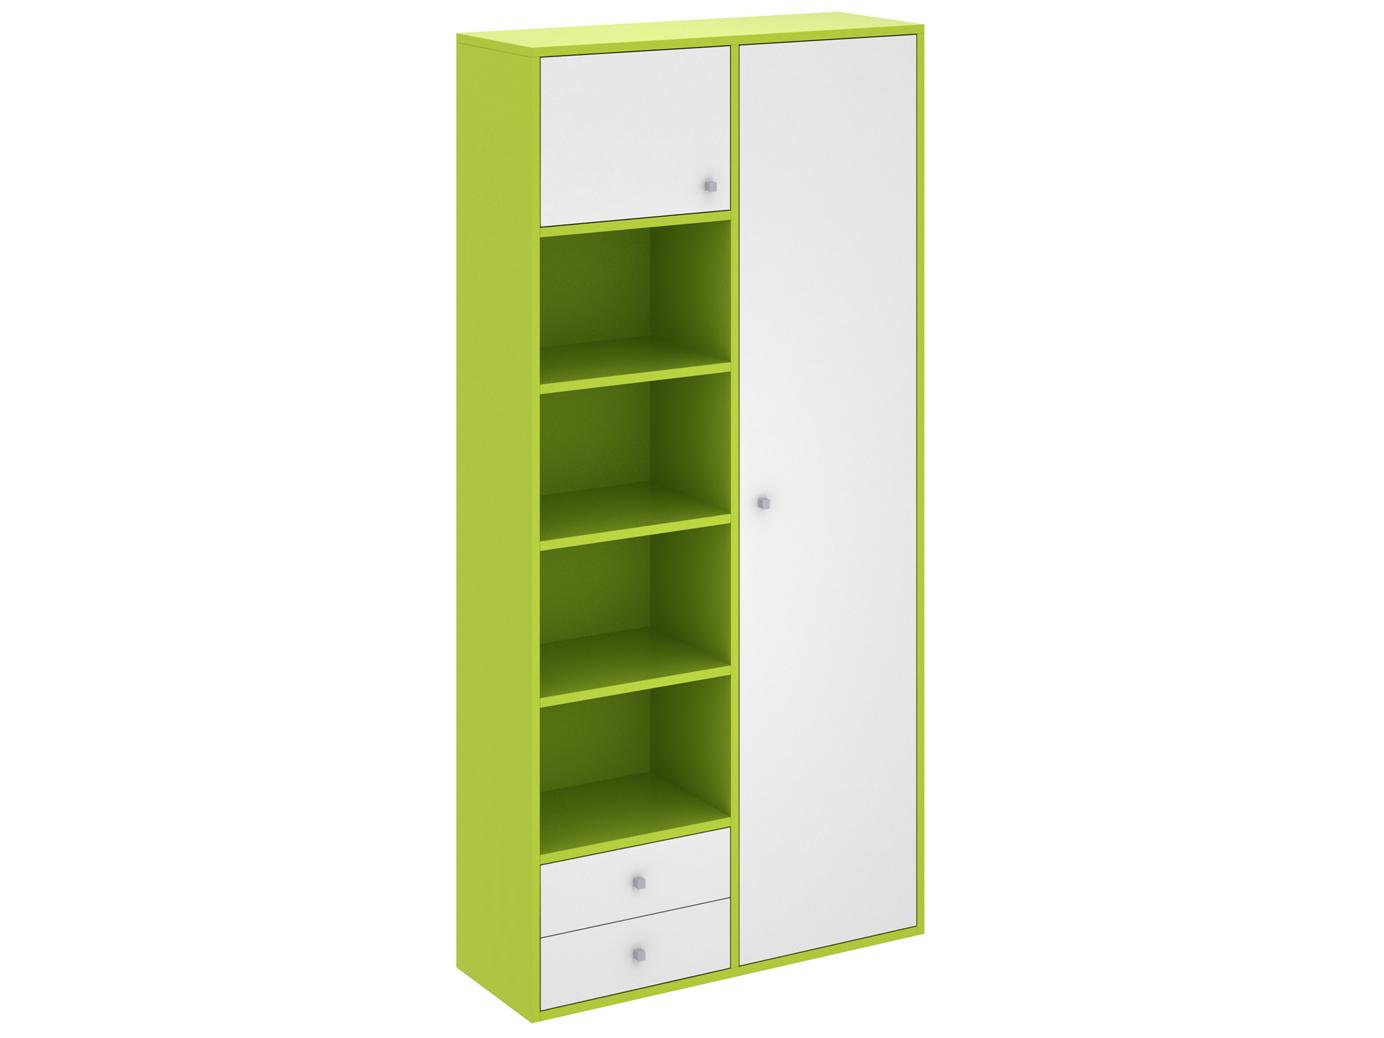 Шкаф PinokkioБельевые шкафы<br>&amp;lt;div&amp;gt;Шкаф комбинированный имеет два отделения. В первом отделении расположены полки. Во втором - выдвижная штанга для одежды. Данный шкаф выполнен в правостороннем исполнении.&amp;lt;/div&amp;gt;&amp;lt;div&amp;gt;&amp;lt;br&amp;gt;&amp;lt;/div&amp;gt;&amp;lt;div&amp;gt;Материалы:&amp;lt;/div&amp;gt;&amp;lt;div&amp;gt;ЛДСП, толщина 22 мм&amp;lt;/div&amp;gt;<br><br>Material: ДСП<br>Ширина см: 108<br>Высота см: 220<br>Глубина см: 40